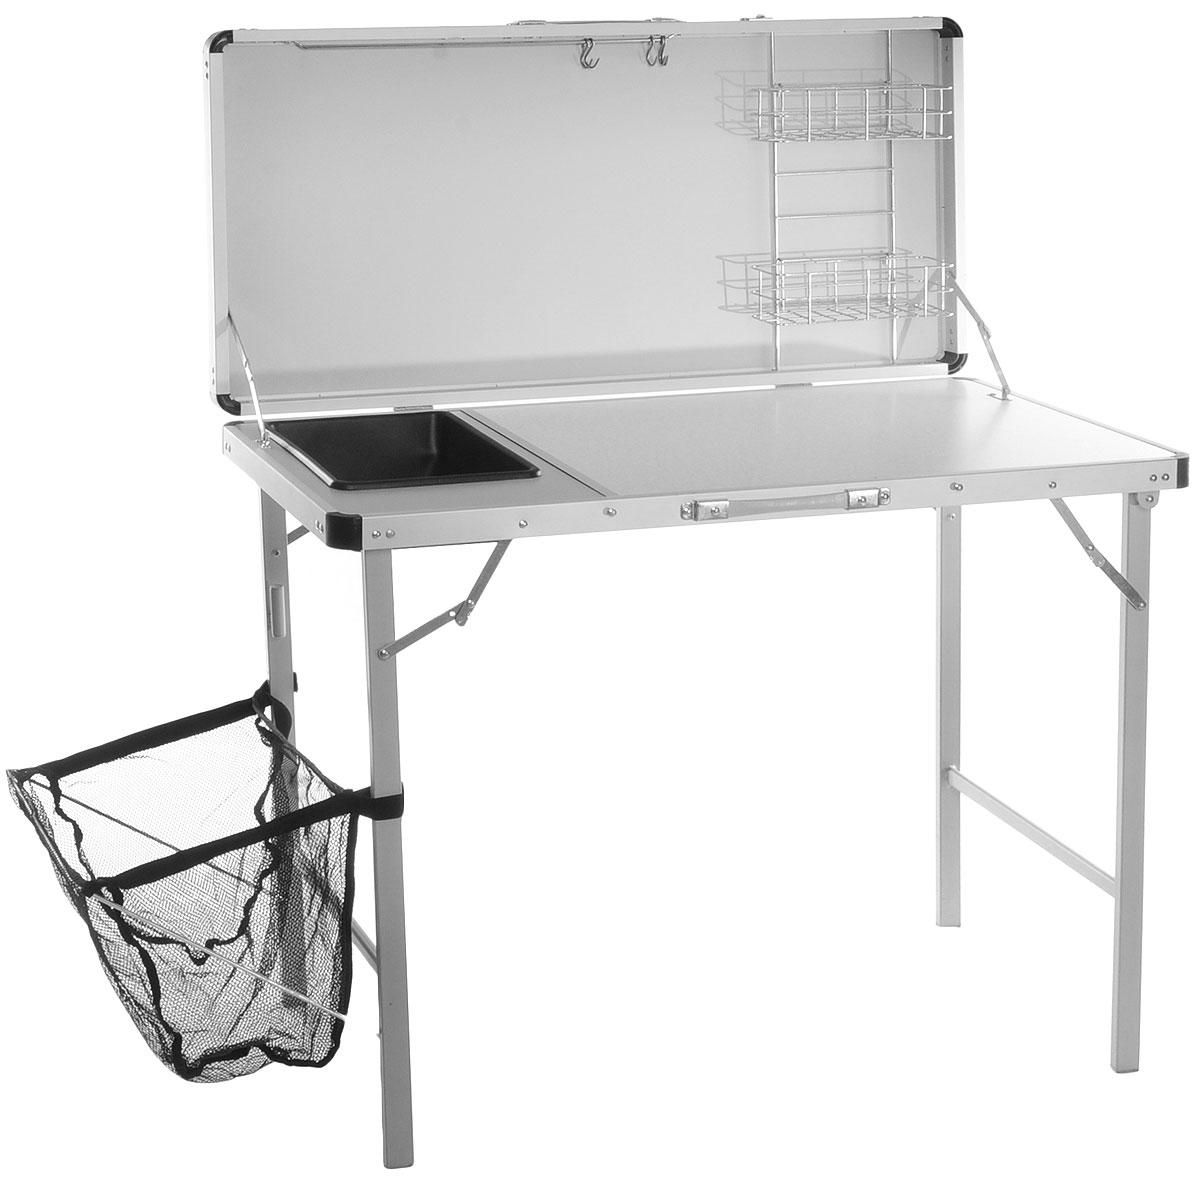 Стол складной Canadian Camper CC-TA1000, с раковиной, 100 см х 50 см х 77/193 см95473-366-00Складной стол Canadian Camper CC-TA1000 прекрасно подойдет для кемпинга и отдыха на природе. Столпредставляет собой мини-кухню с двумя рабочими поверхностями: обеденный стол и разделочный стол сминимойкой, полками для посуды и рейлингом с крючками для подвески столовых приборов. Также имеетсядополнительная книжная полка, емкость для сбора мусора, стойка для крепления лампы.Каркас и стойки изготовлены из алюминия. Стол легко собирается и разбирается. Минимальный размер всложенном состоянии обеспечивает удобное хранение и компактную перевозку. Стол приспособлен длянахождения на улице, устойчив, отличается прочностью.Максимальная нагрузка: 40 кг.Размер стола (в разобранном виде): 100 см х 50 см х 77/193 см.Размер стола (в собранном виде): 105,5 см х 55 см х 14 см.